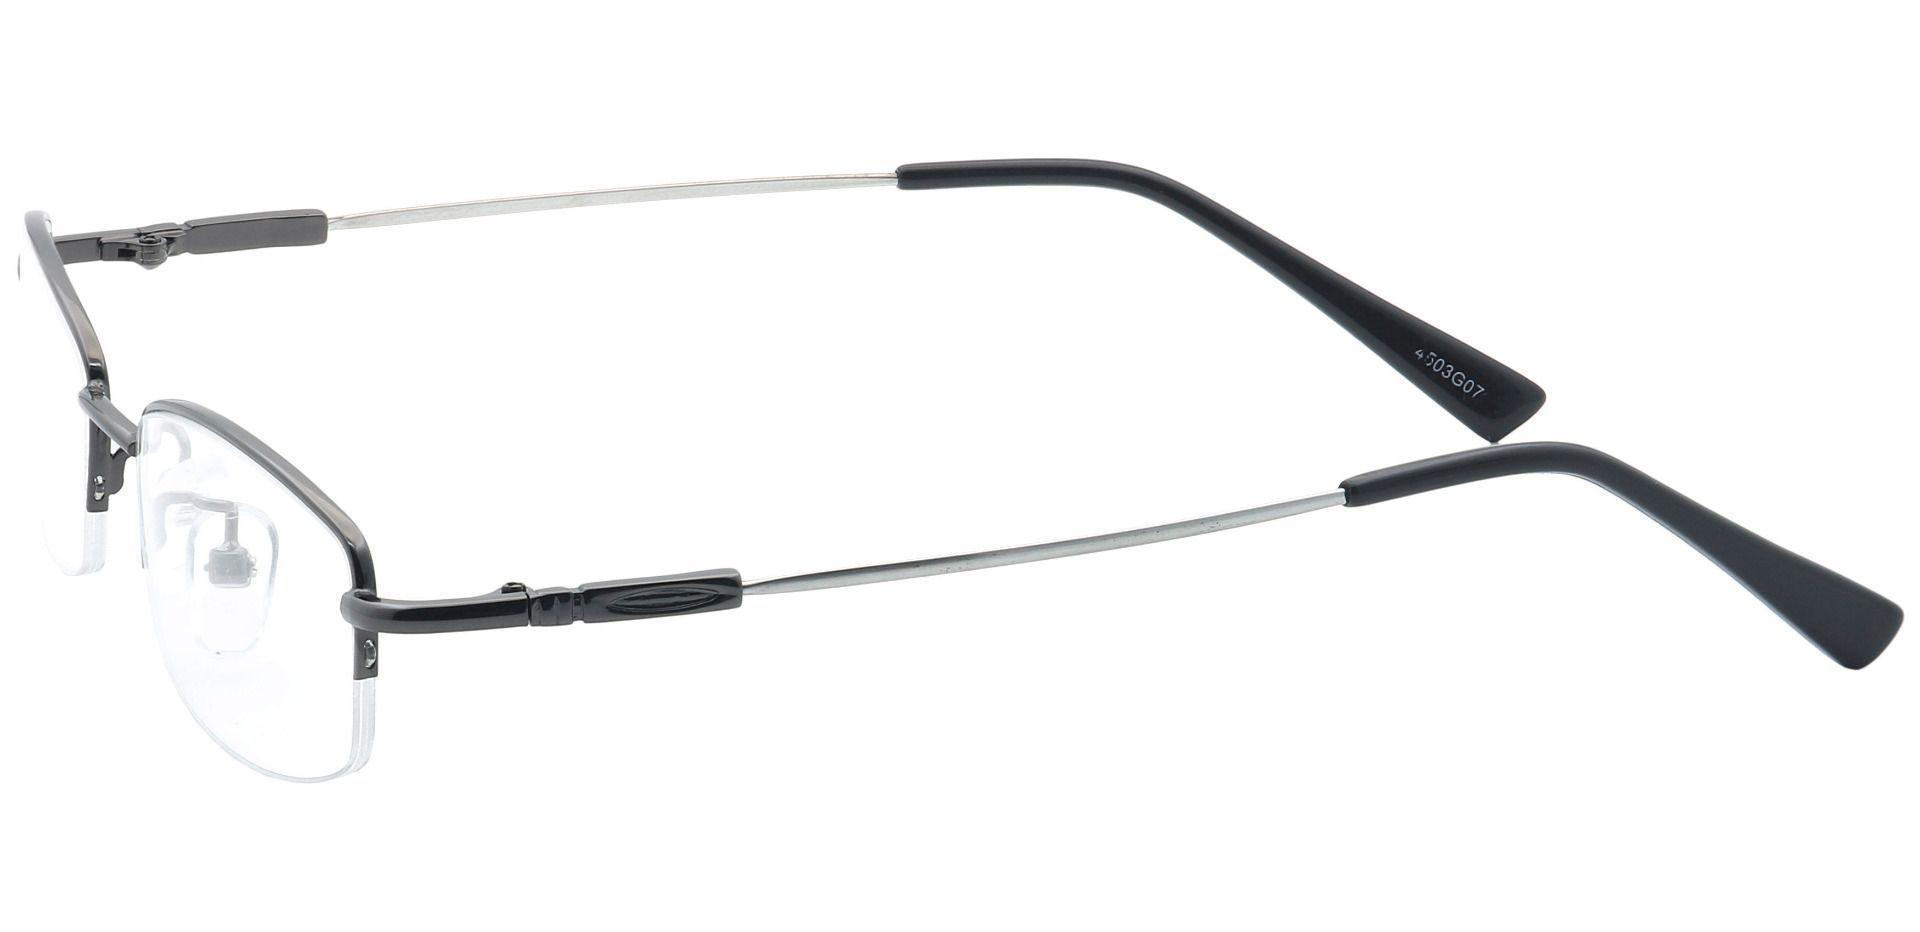 Tarte Oval Reading Glasses - Gray